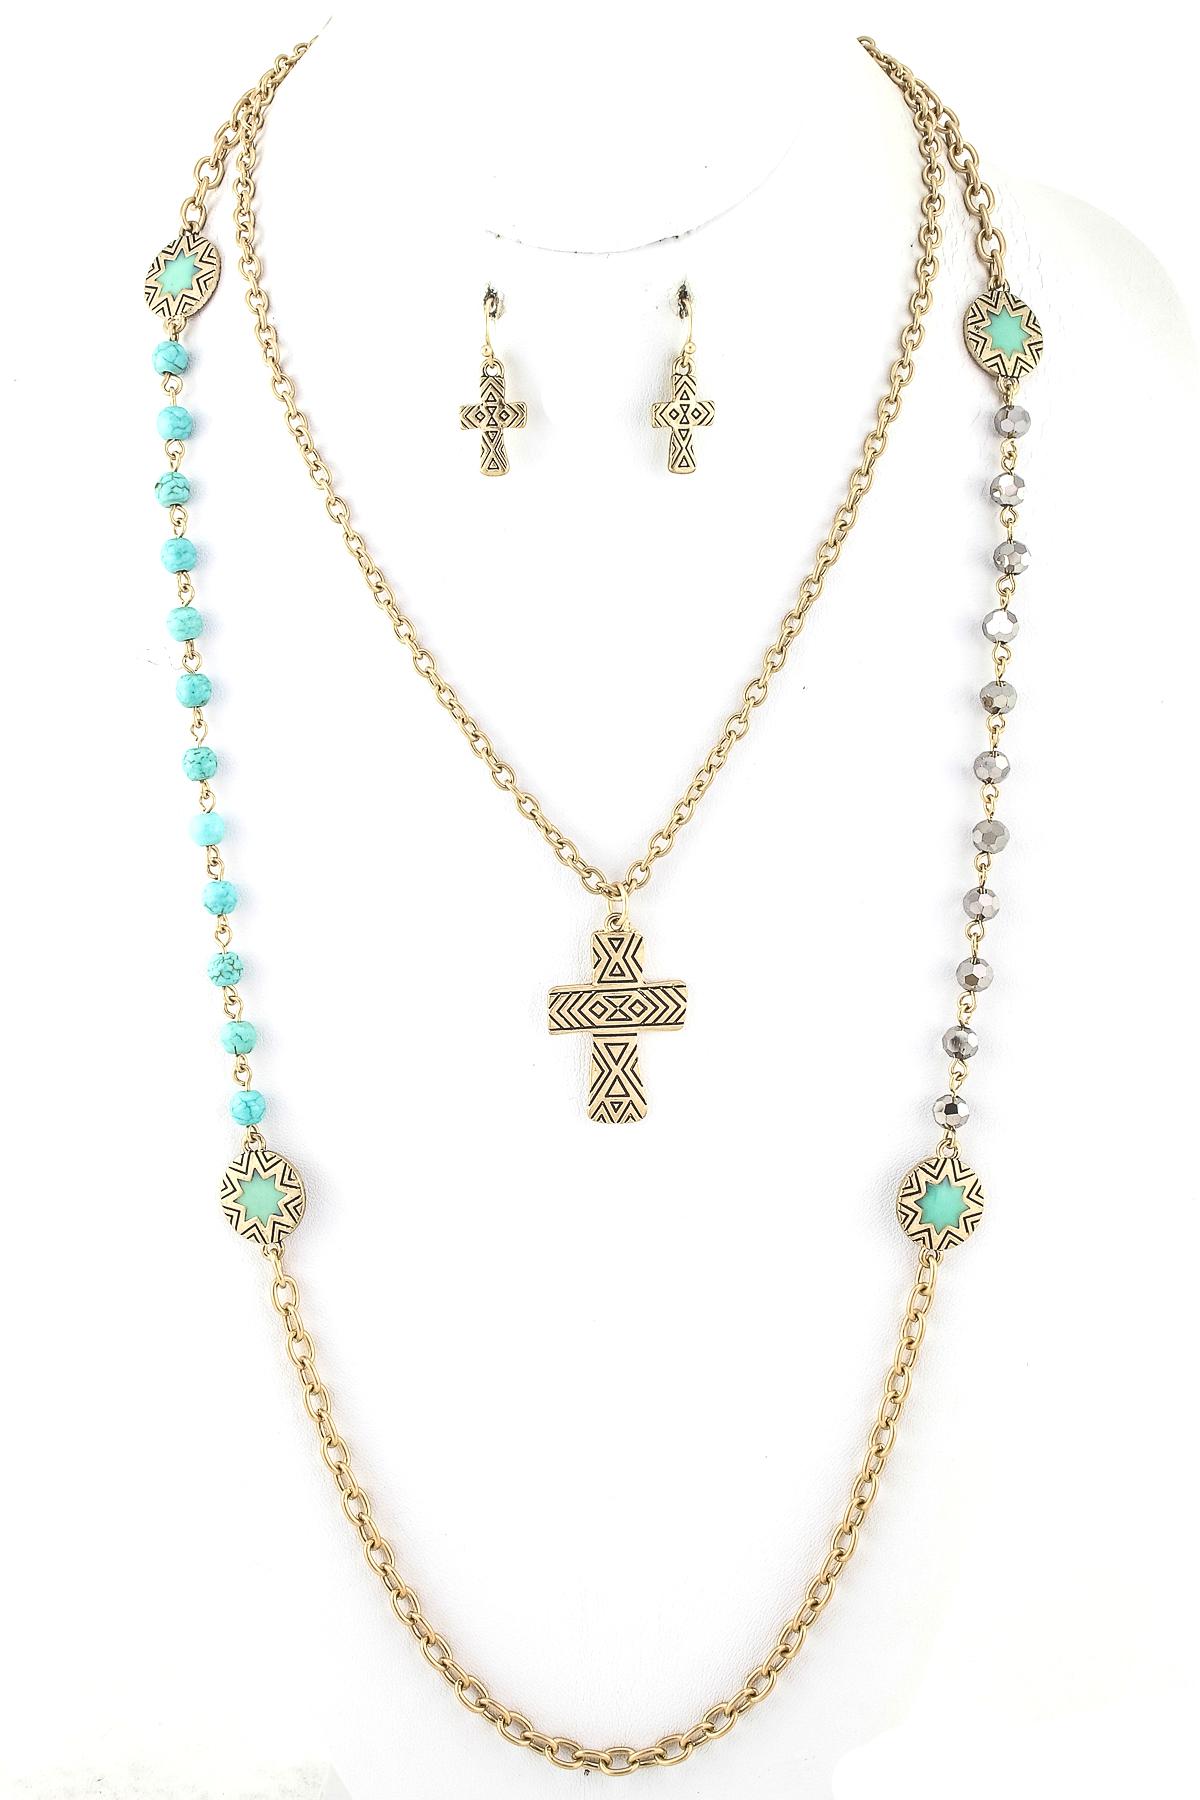 Aztec Cross Necklace Set - Necklaces